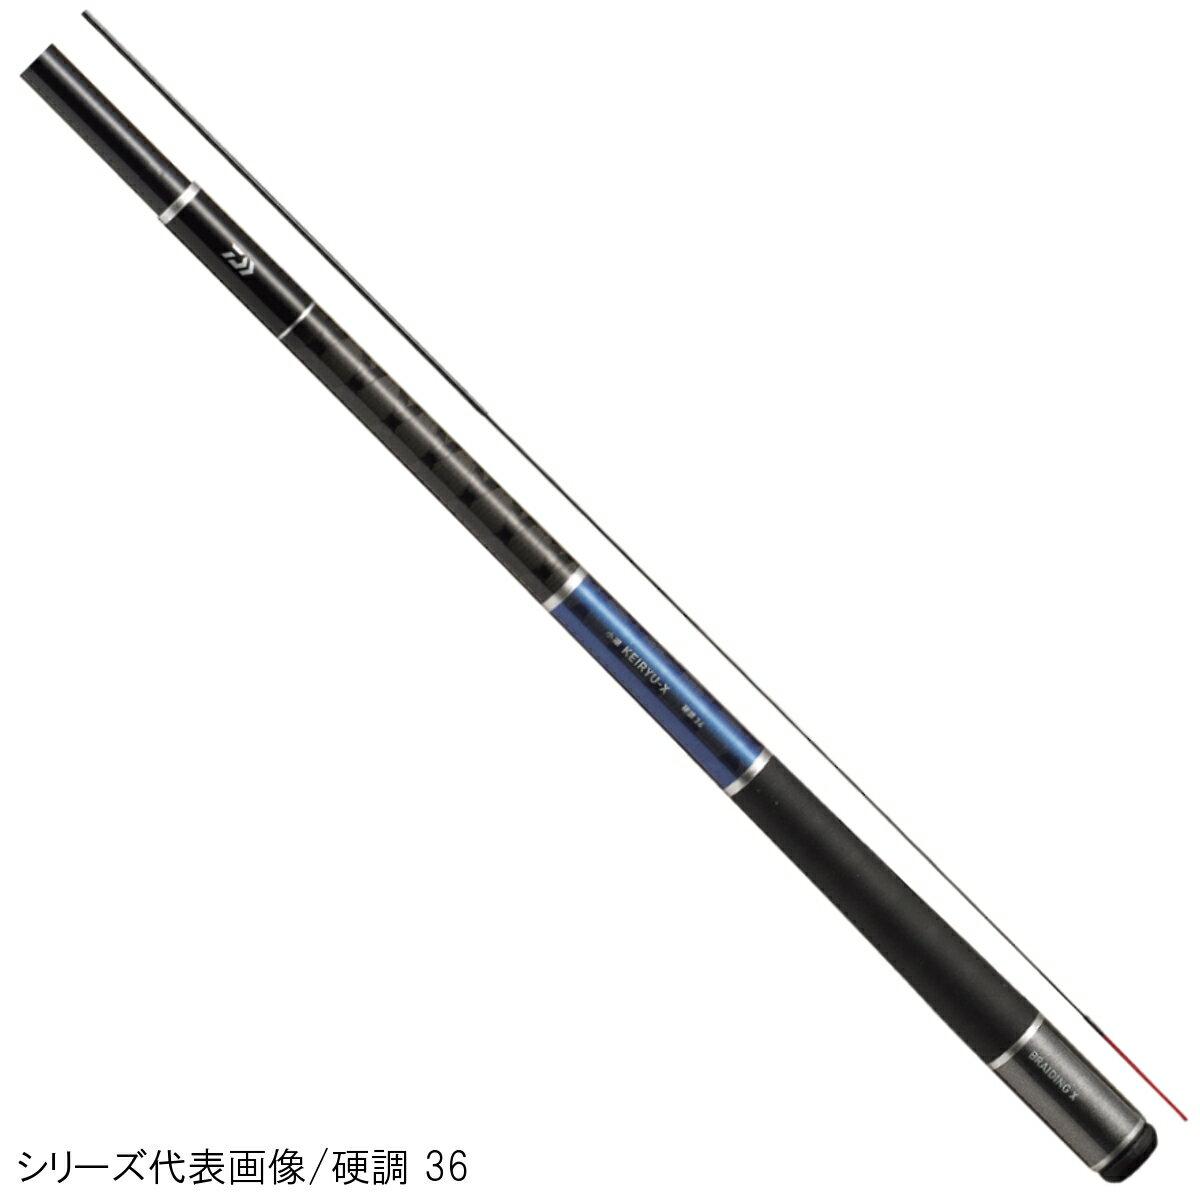 小継 渓流 X 硬調 33 ダイワ【同梱不可】